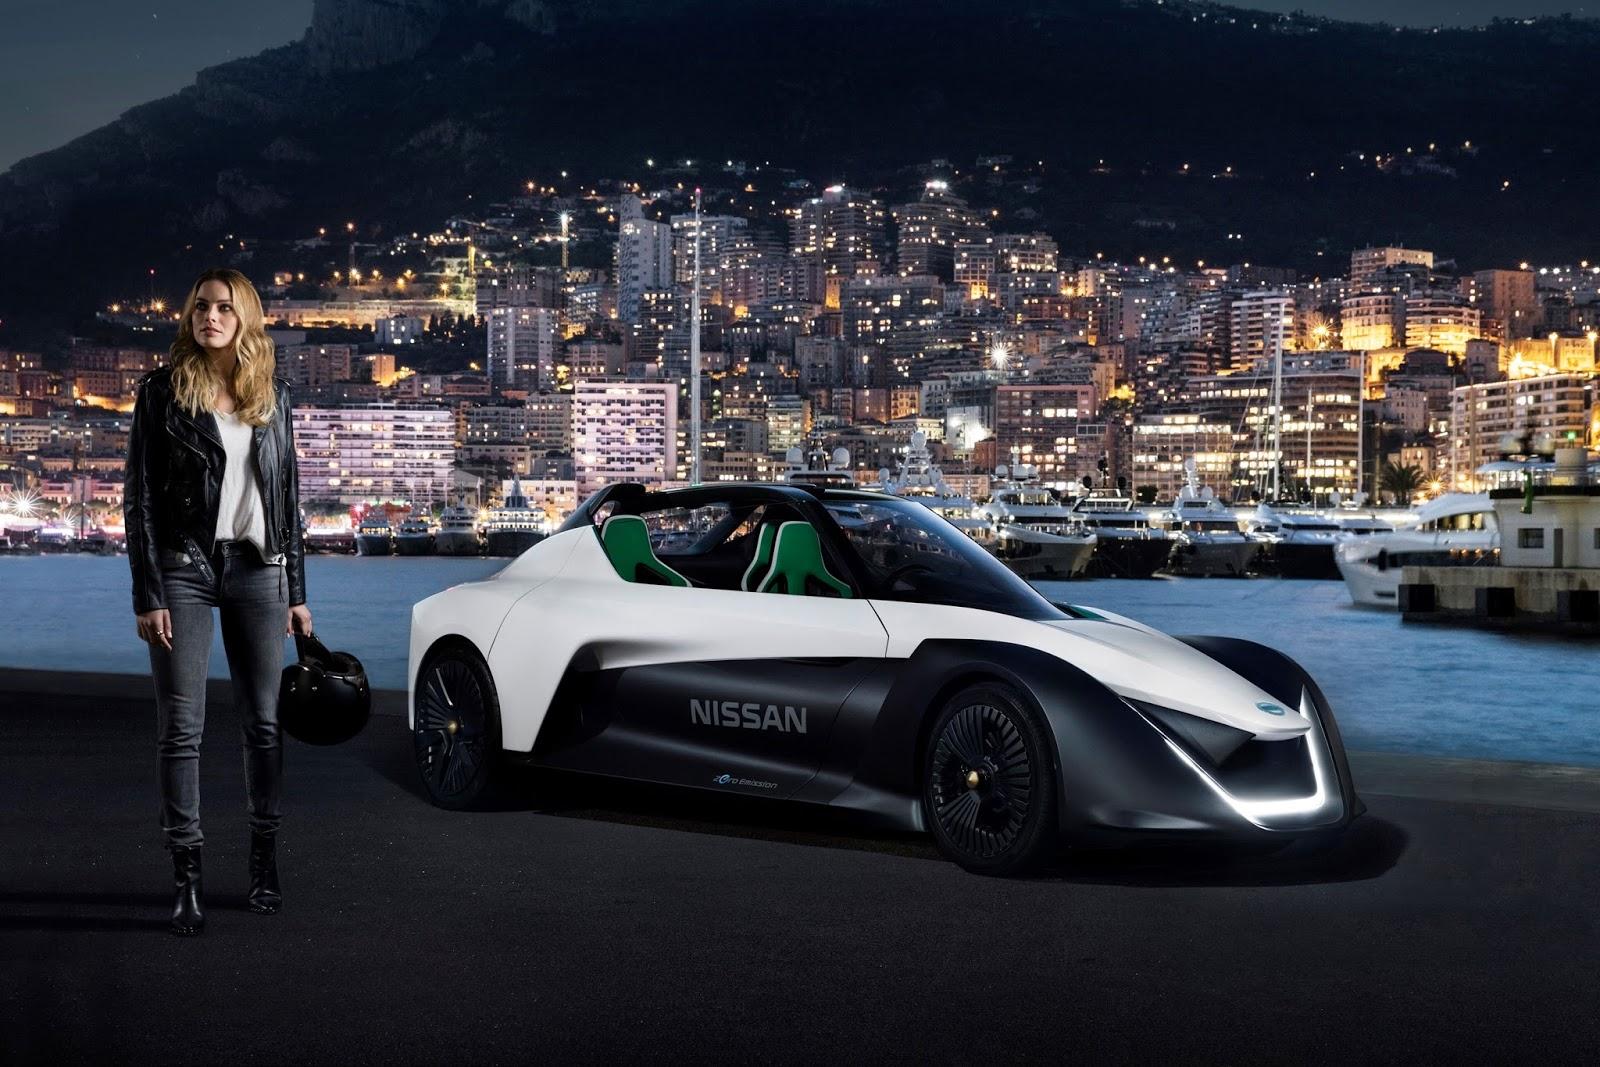 Η ηθοποιός Margot Robbie είναι η πρώτη πρέσβειρα ηλεκτροκίνητου οχήματος  της Nissan